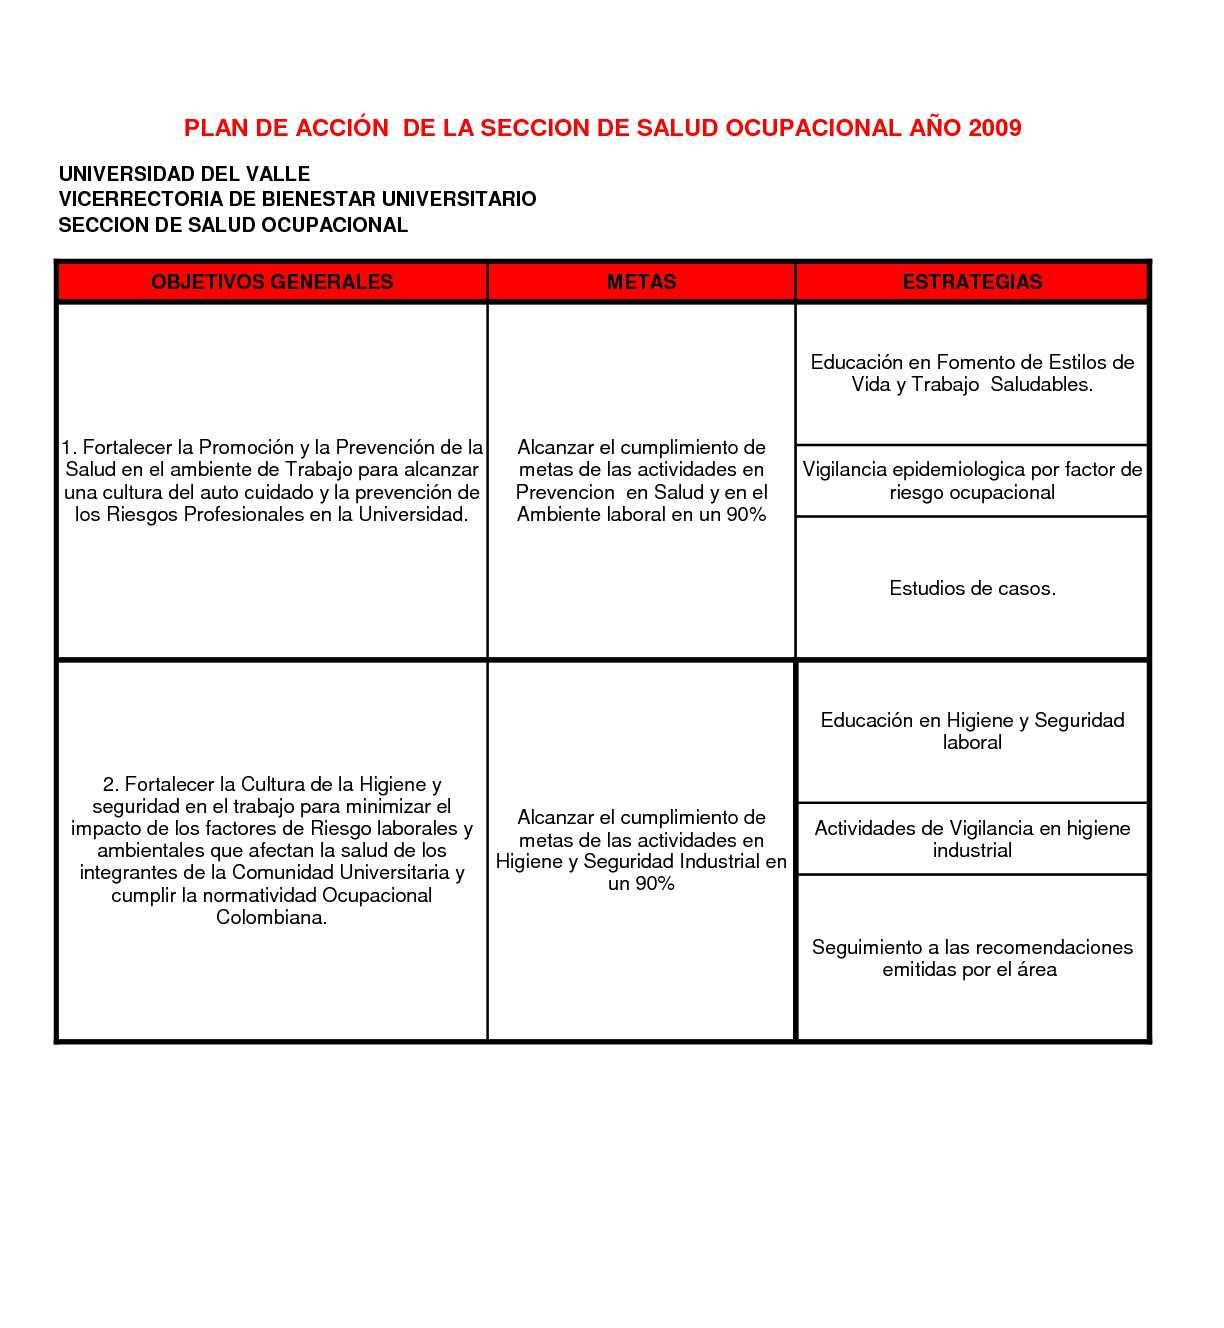 Calaméo - EJEMPLO PLAN DE ACCION SALUD OCUPACIONAL